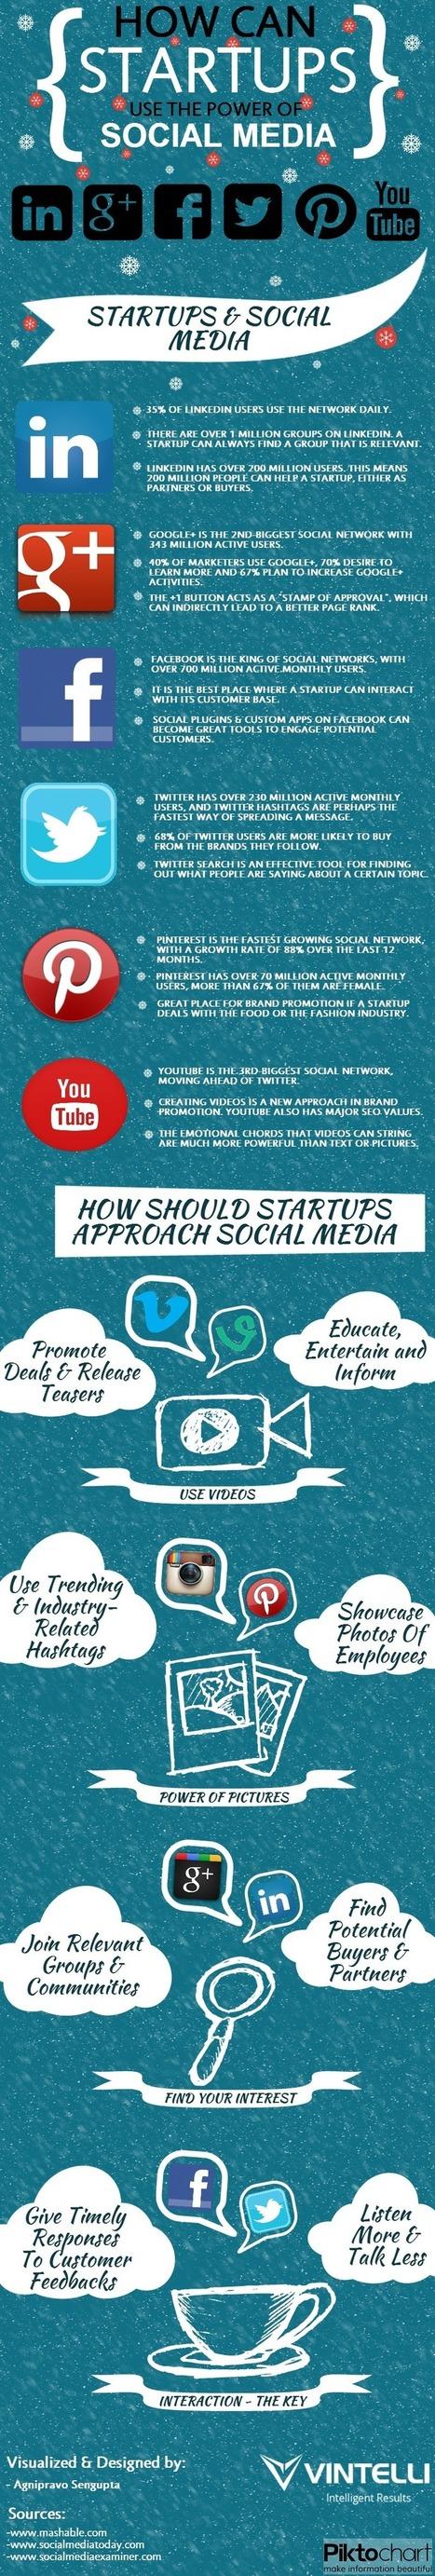 Cómo las StartUps pueden aprovechar el poder del Social Media #infografia #infographic | Social | Scoop.it